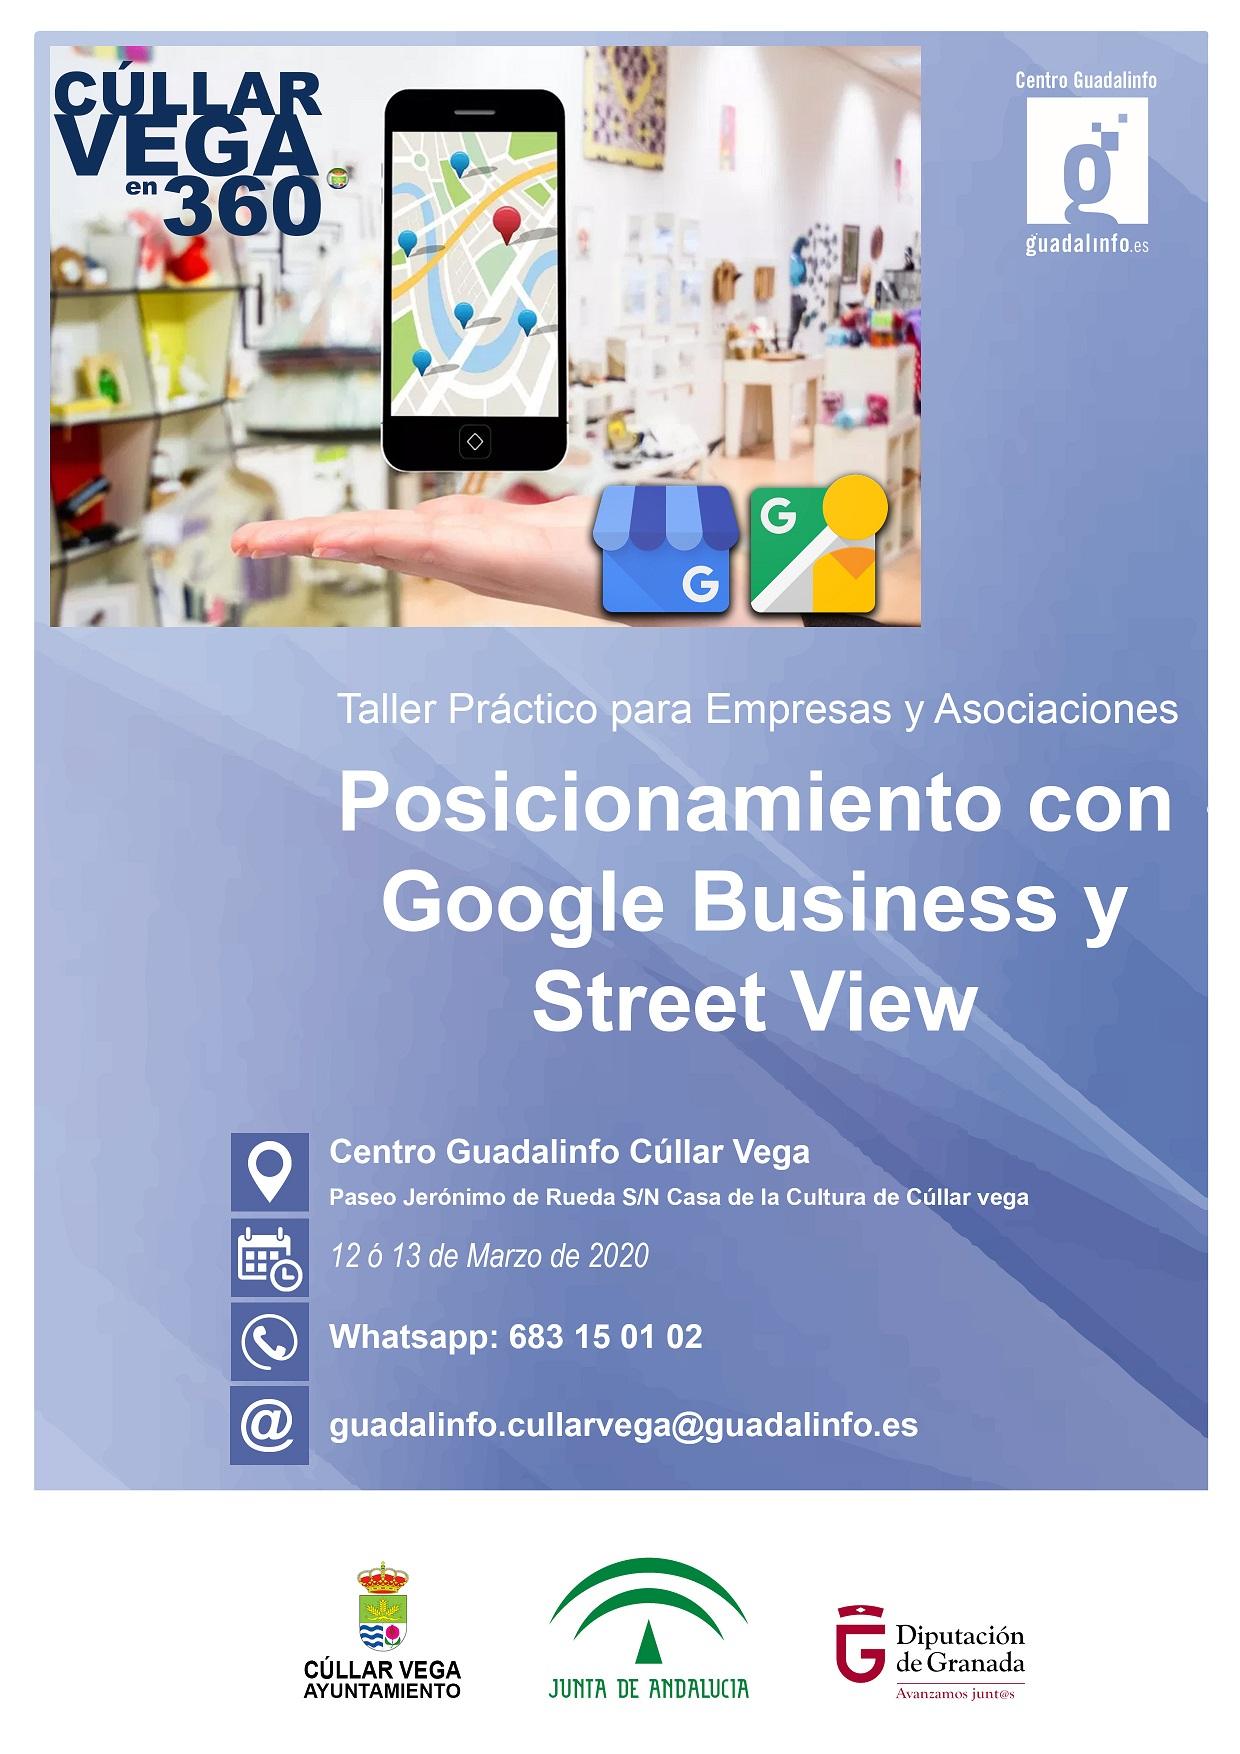 Taller de posicionamiento con Google Business y Fotos 360º con Street View